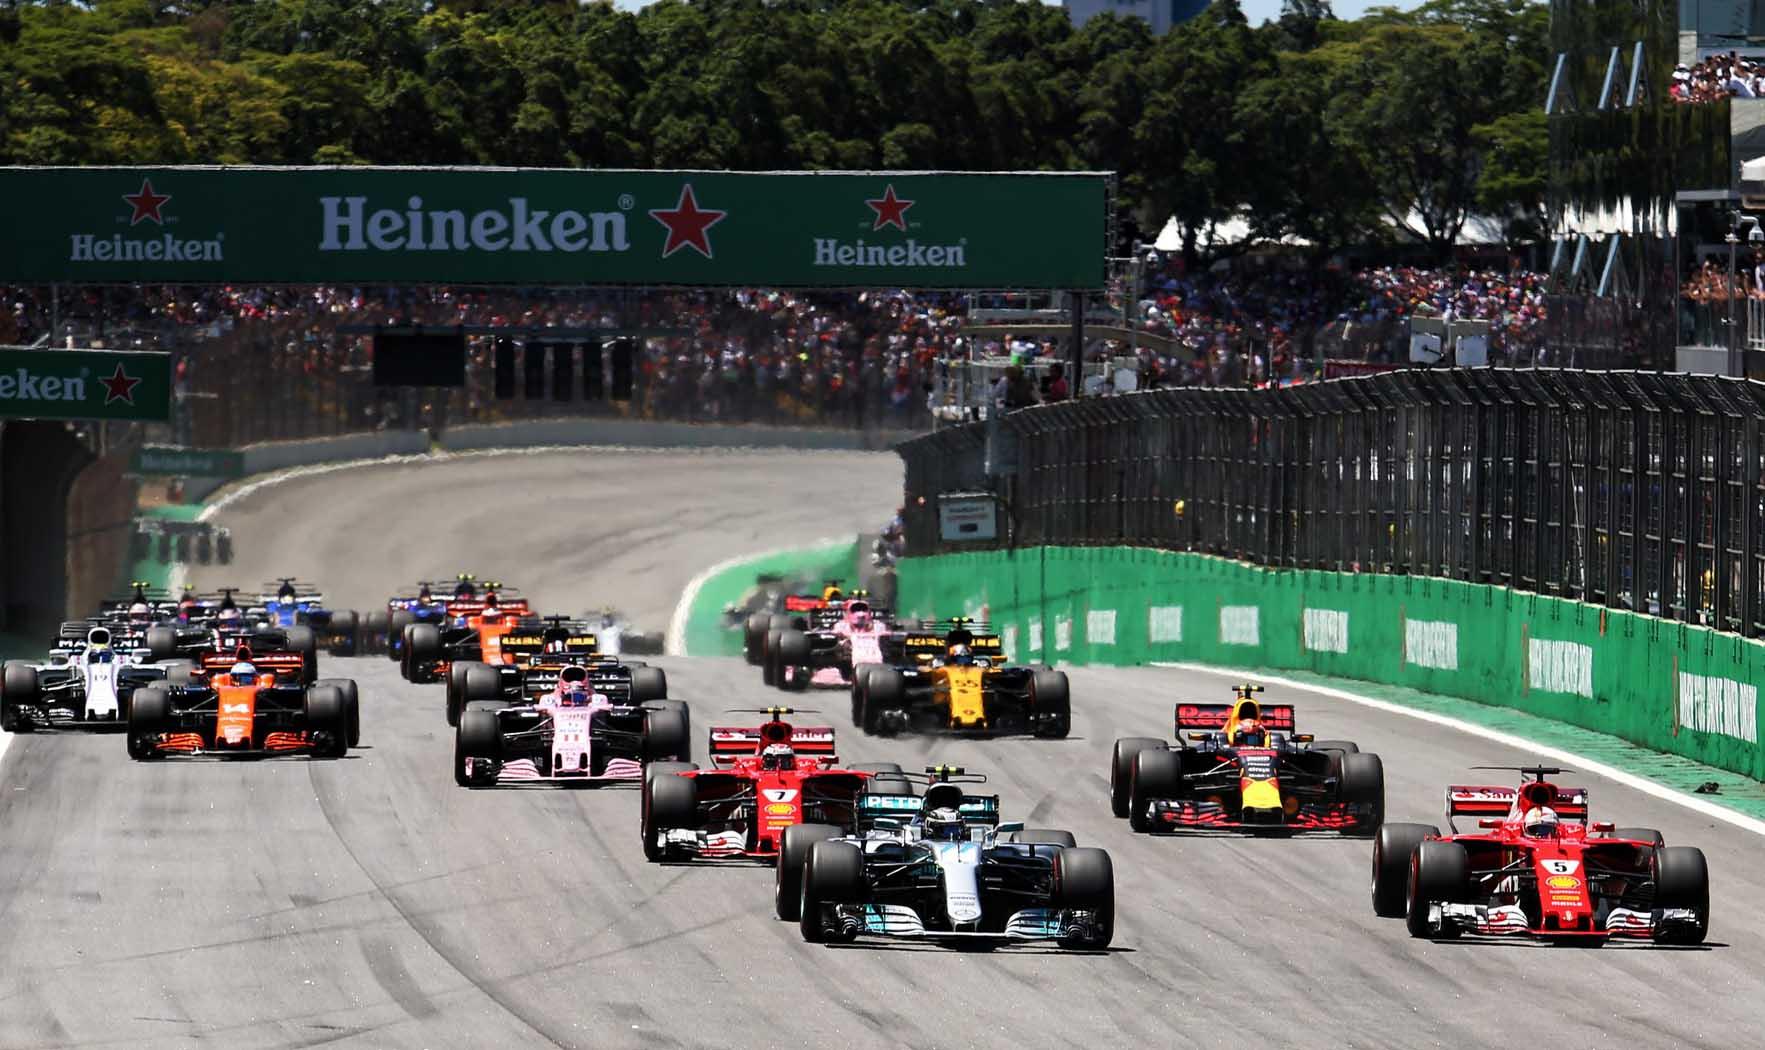 El Sumario - Este fin de semana se realiza el Gran Premio de Fórmula 1 en Sao Paulo y los problemas de violencia y criminalidad no causan dolor de cabeza entre las autoridades